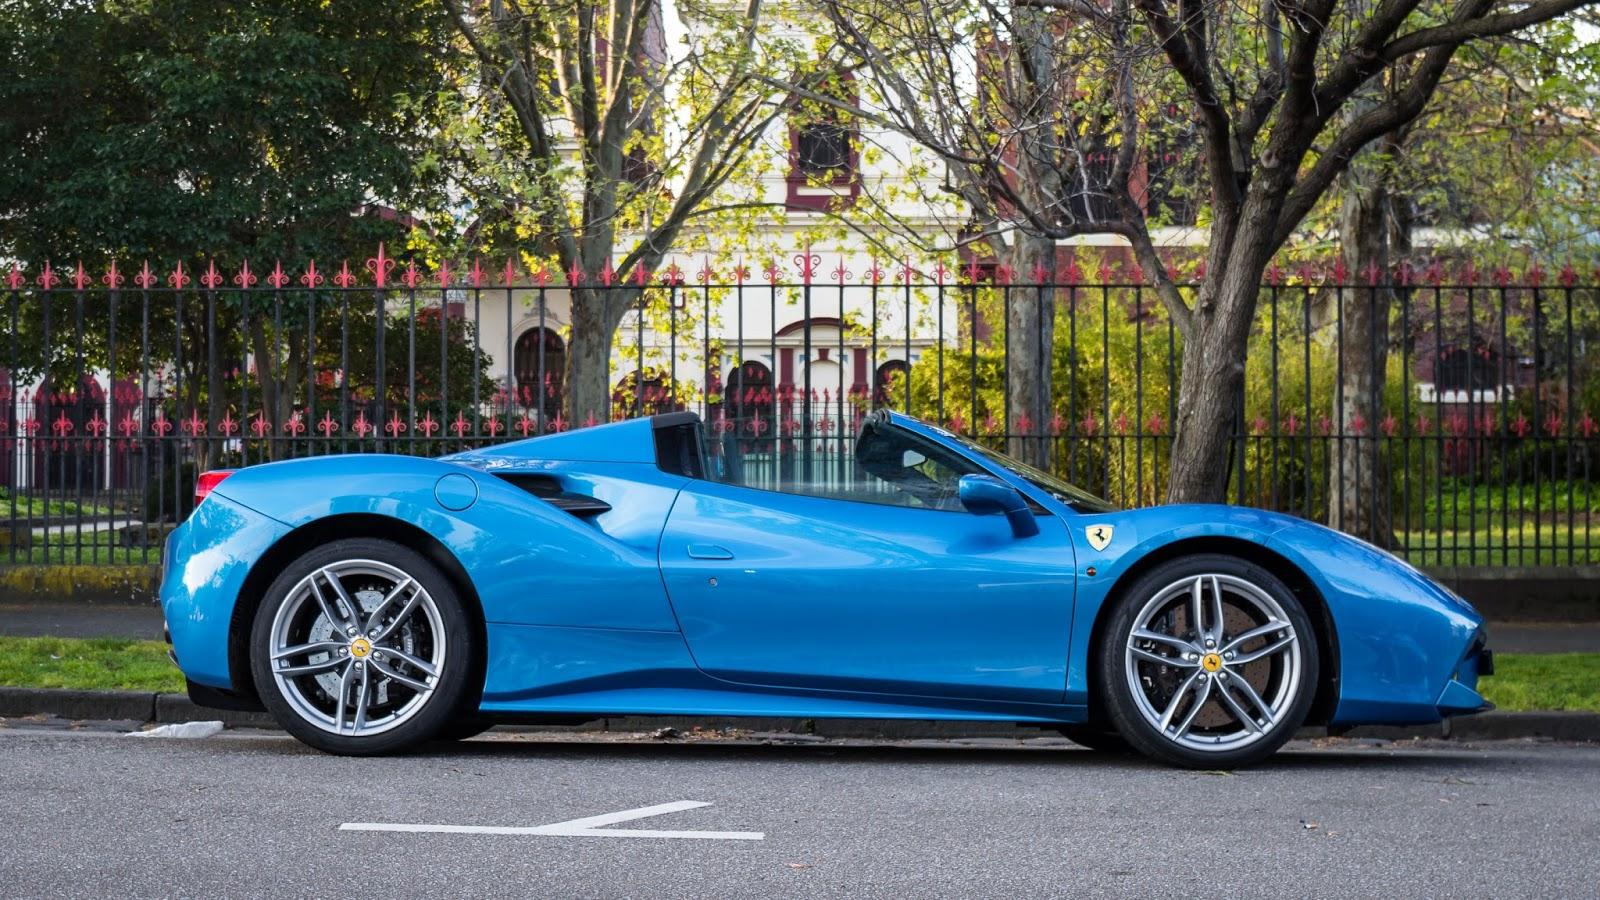 Ferrari 488 Spider 2016 hiện đang cháy hàng trên toàn thế giới